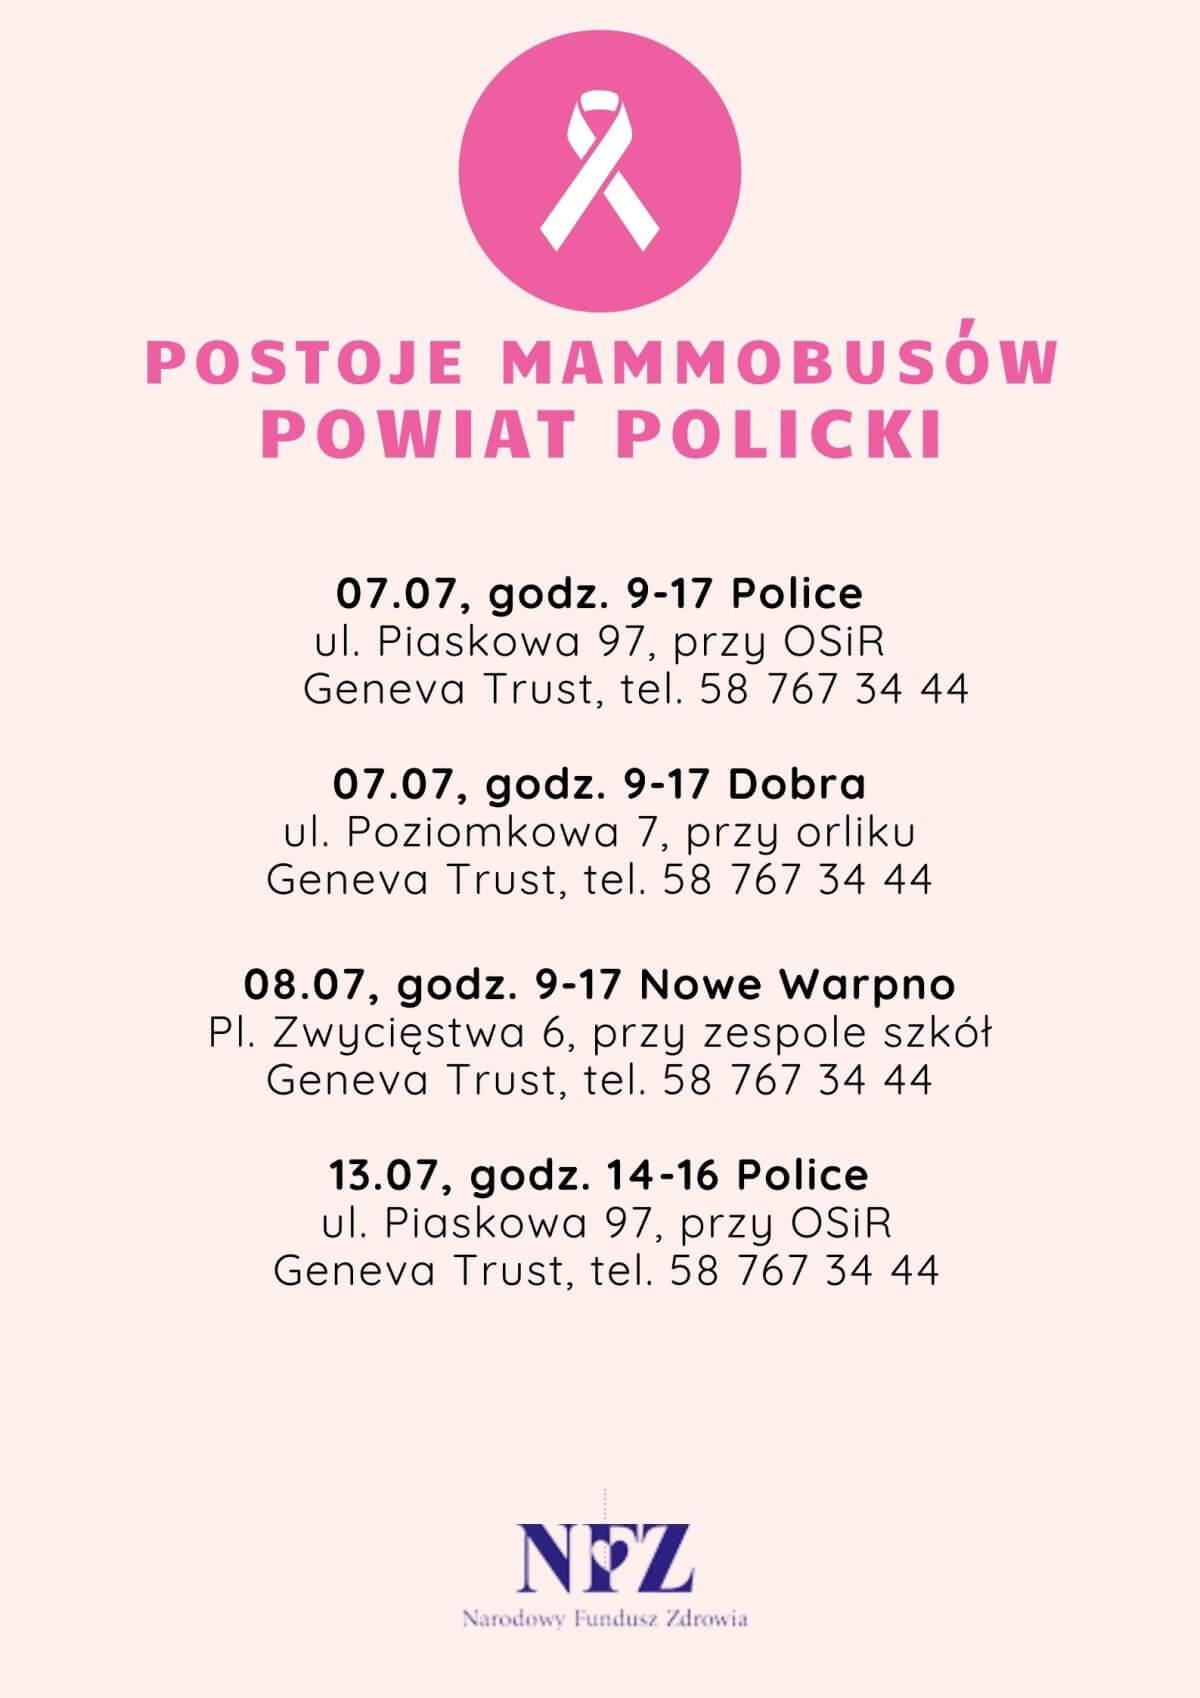 Ulotka promująca postój mammobusów w Powiecie Polickim